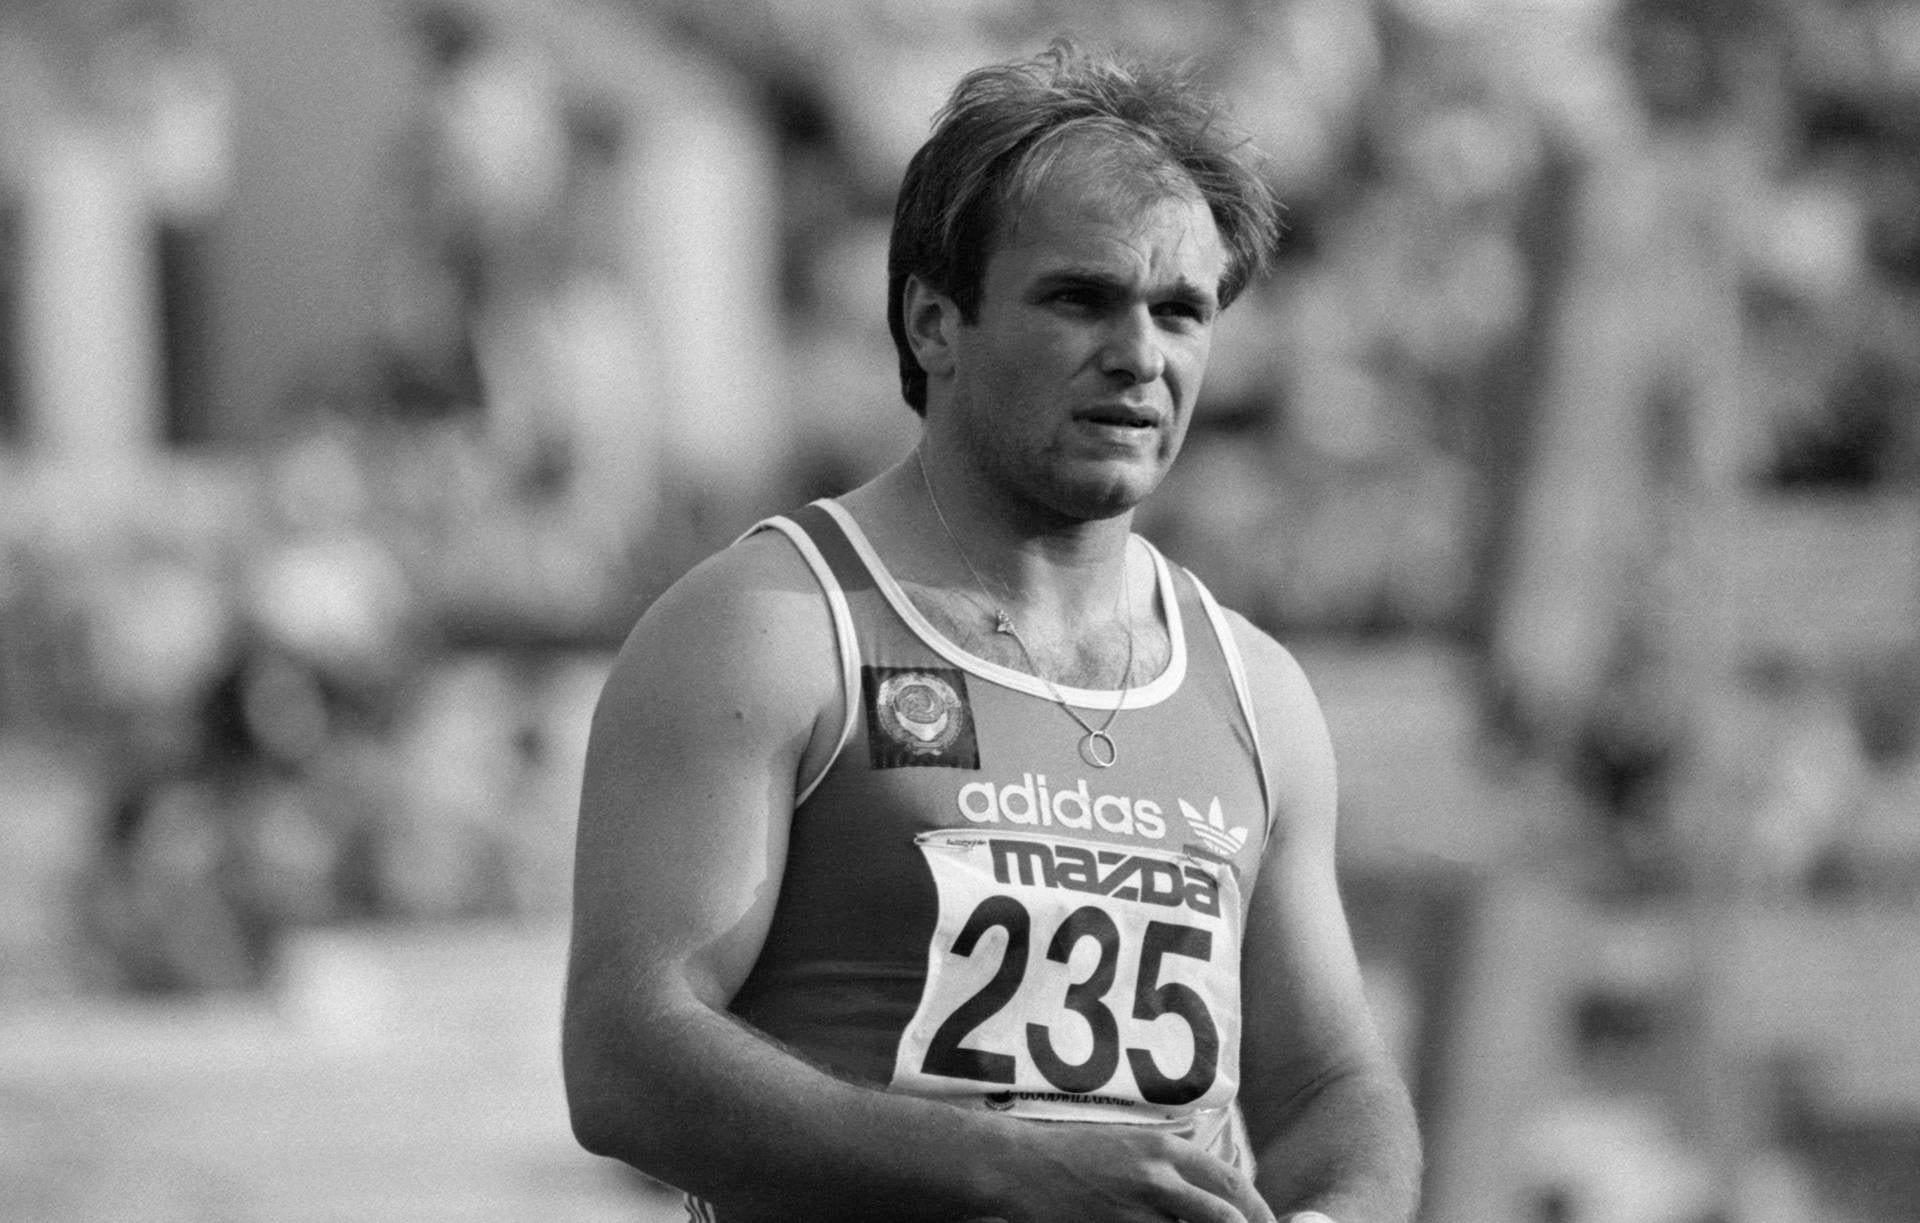 Умер двукратный олимпийский чемпион в метании молота Юрий Седых